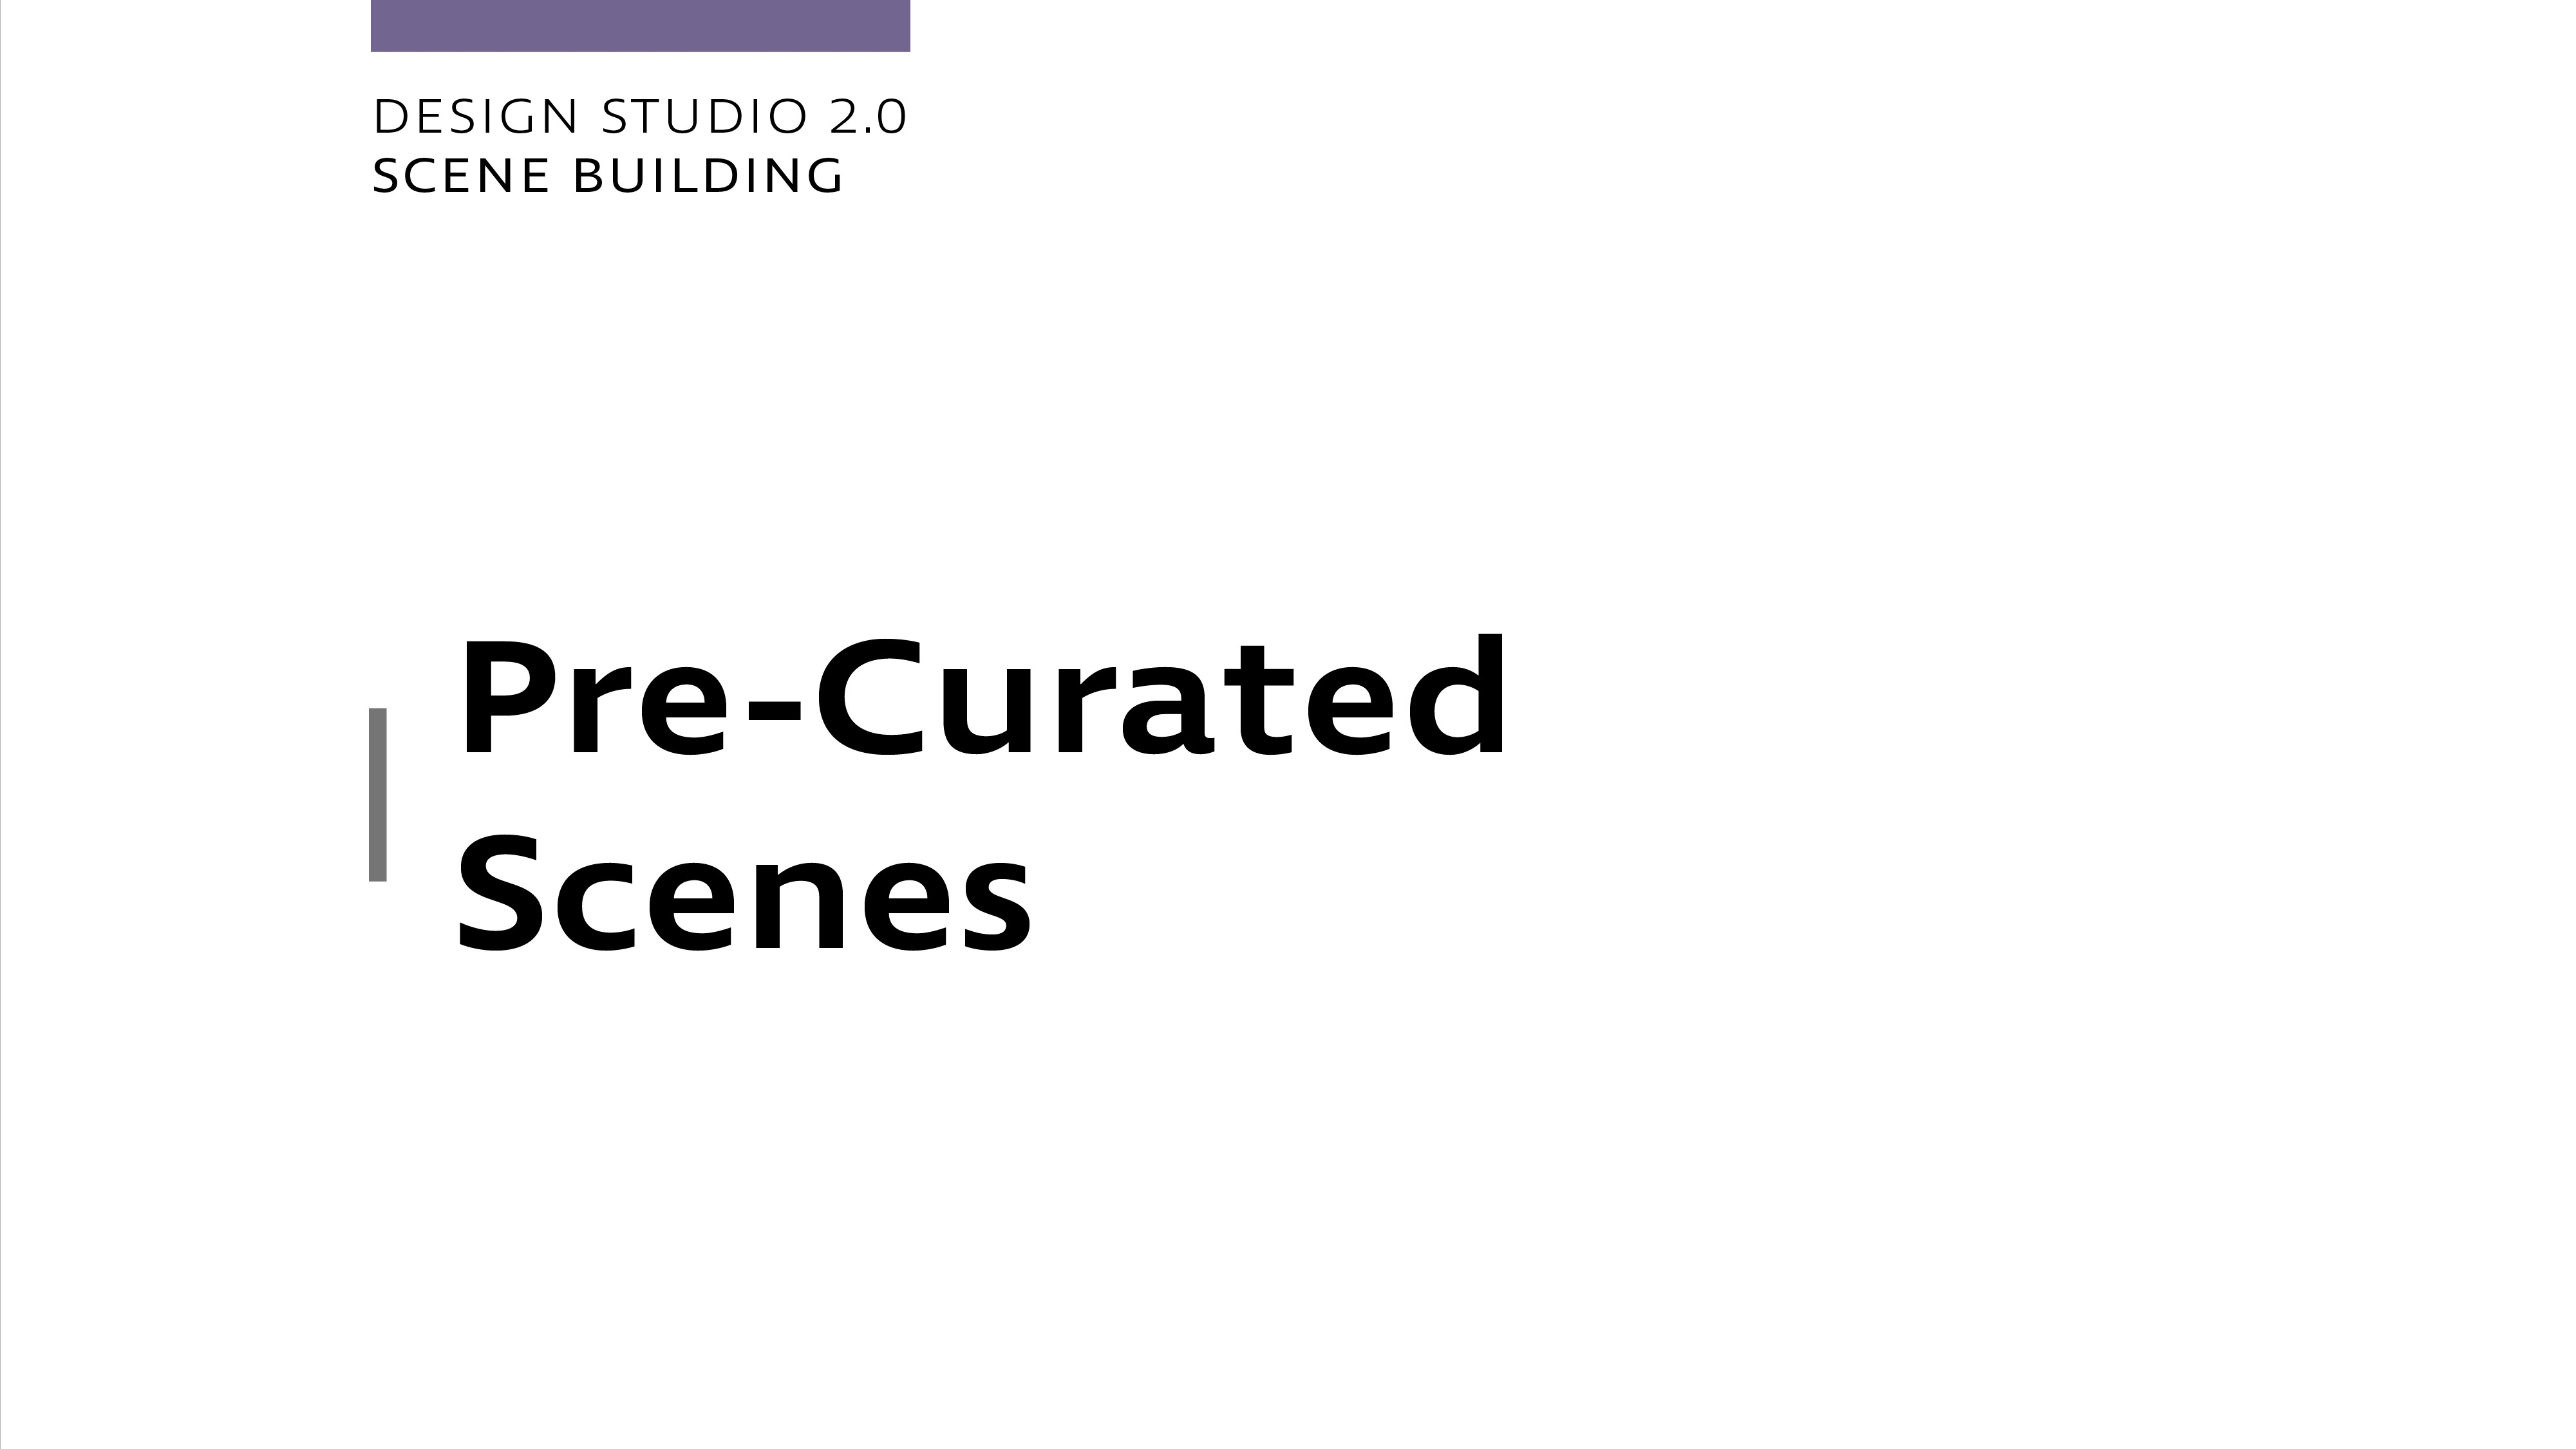 Design Studio 2.0 - Precurated Scenes